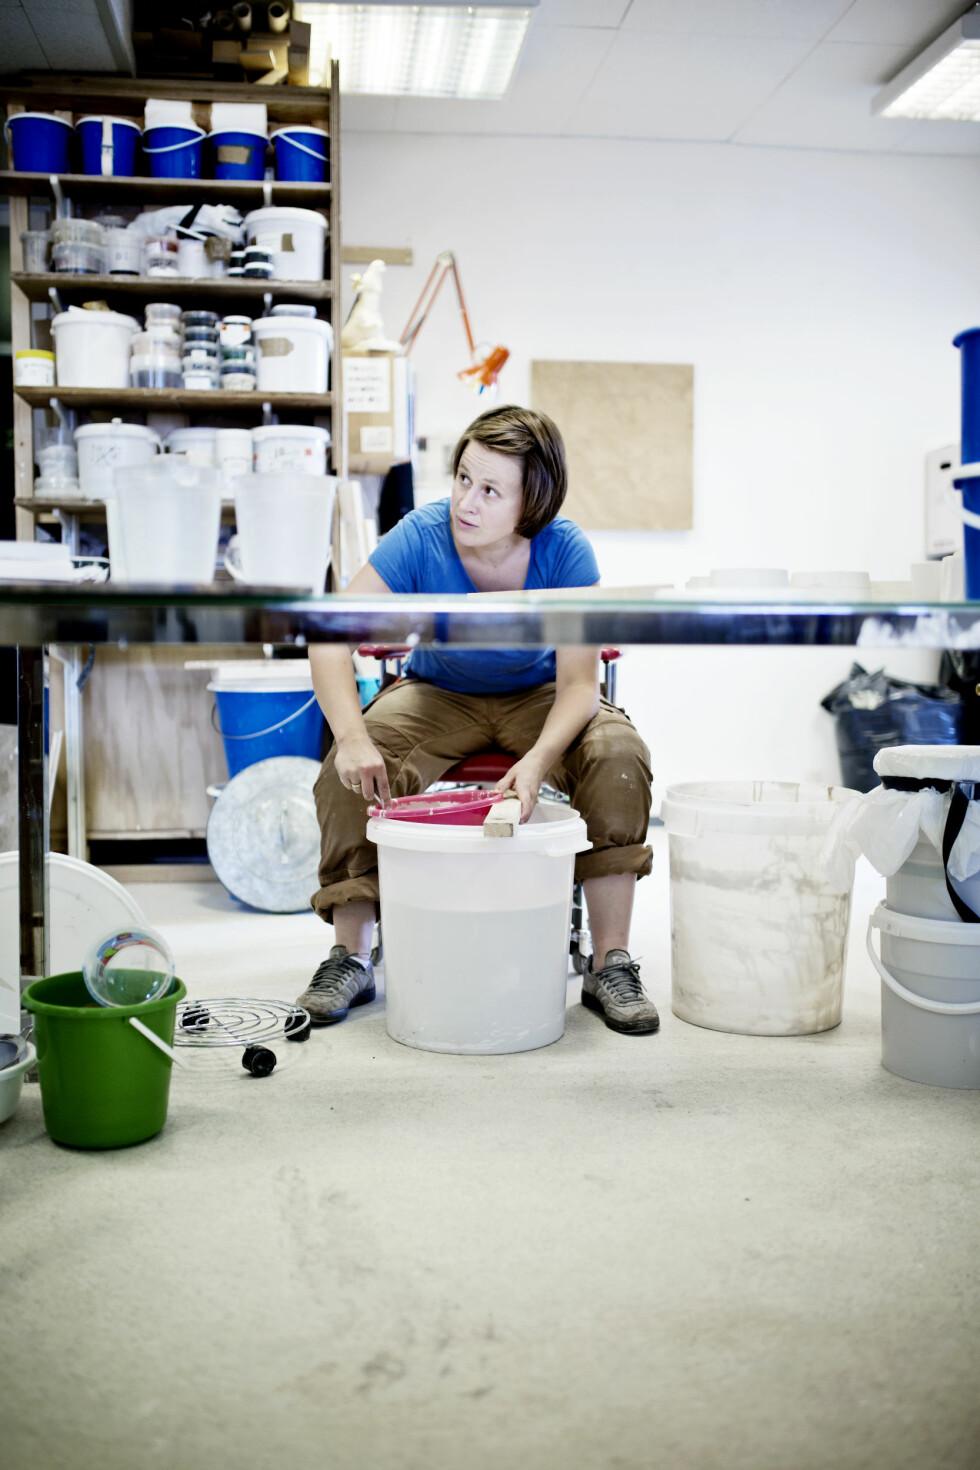 EKTE KJÆRLIGHET: Ann Kristin forteller at det er kjærligheten til materialene og ønsket om å beherske noe perfekt med hendene som driver henne som kunstner. Foto: Marte Gjærde